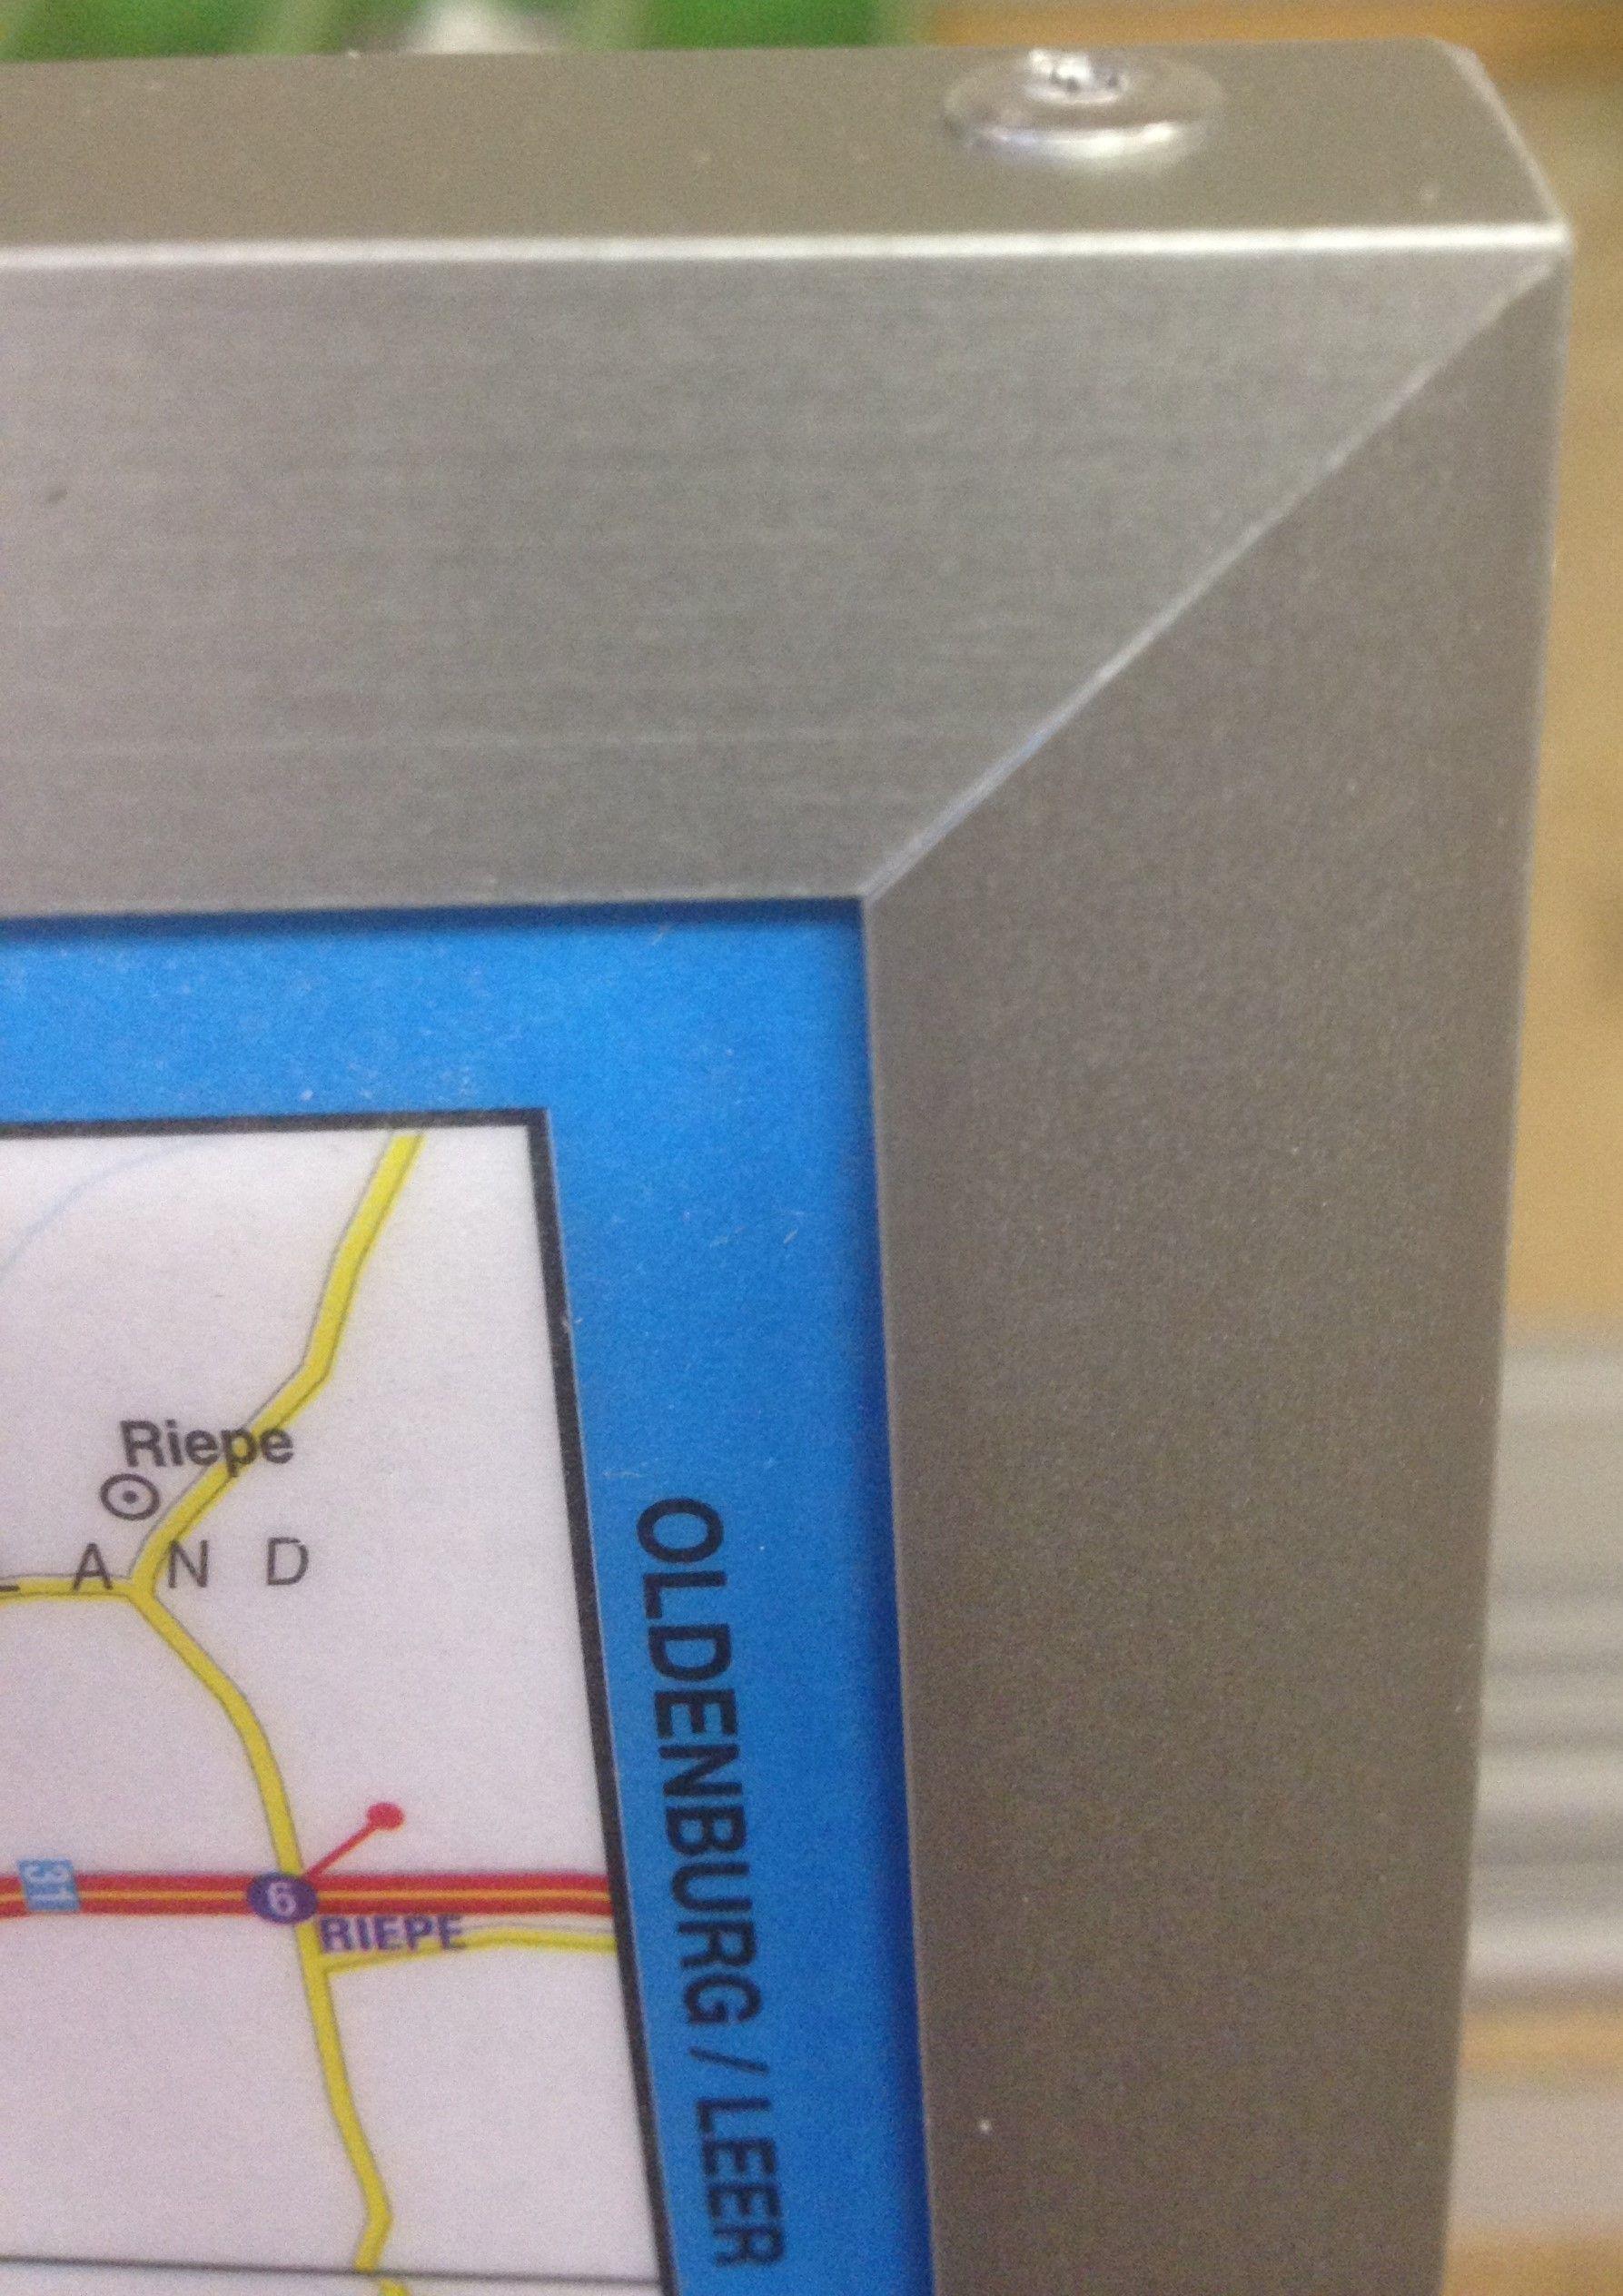 Topografische kaart schaal 1:50.000 (Deurne,Venray,Venlo,Tegelen,Roermond)